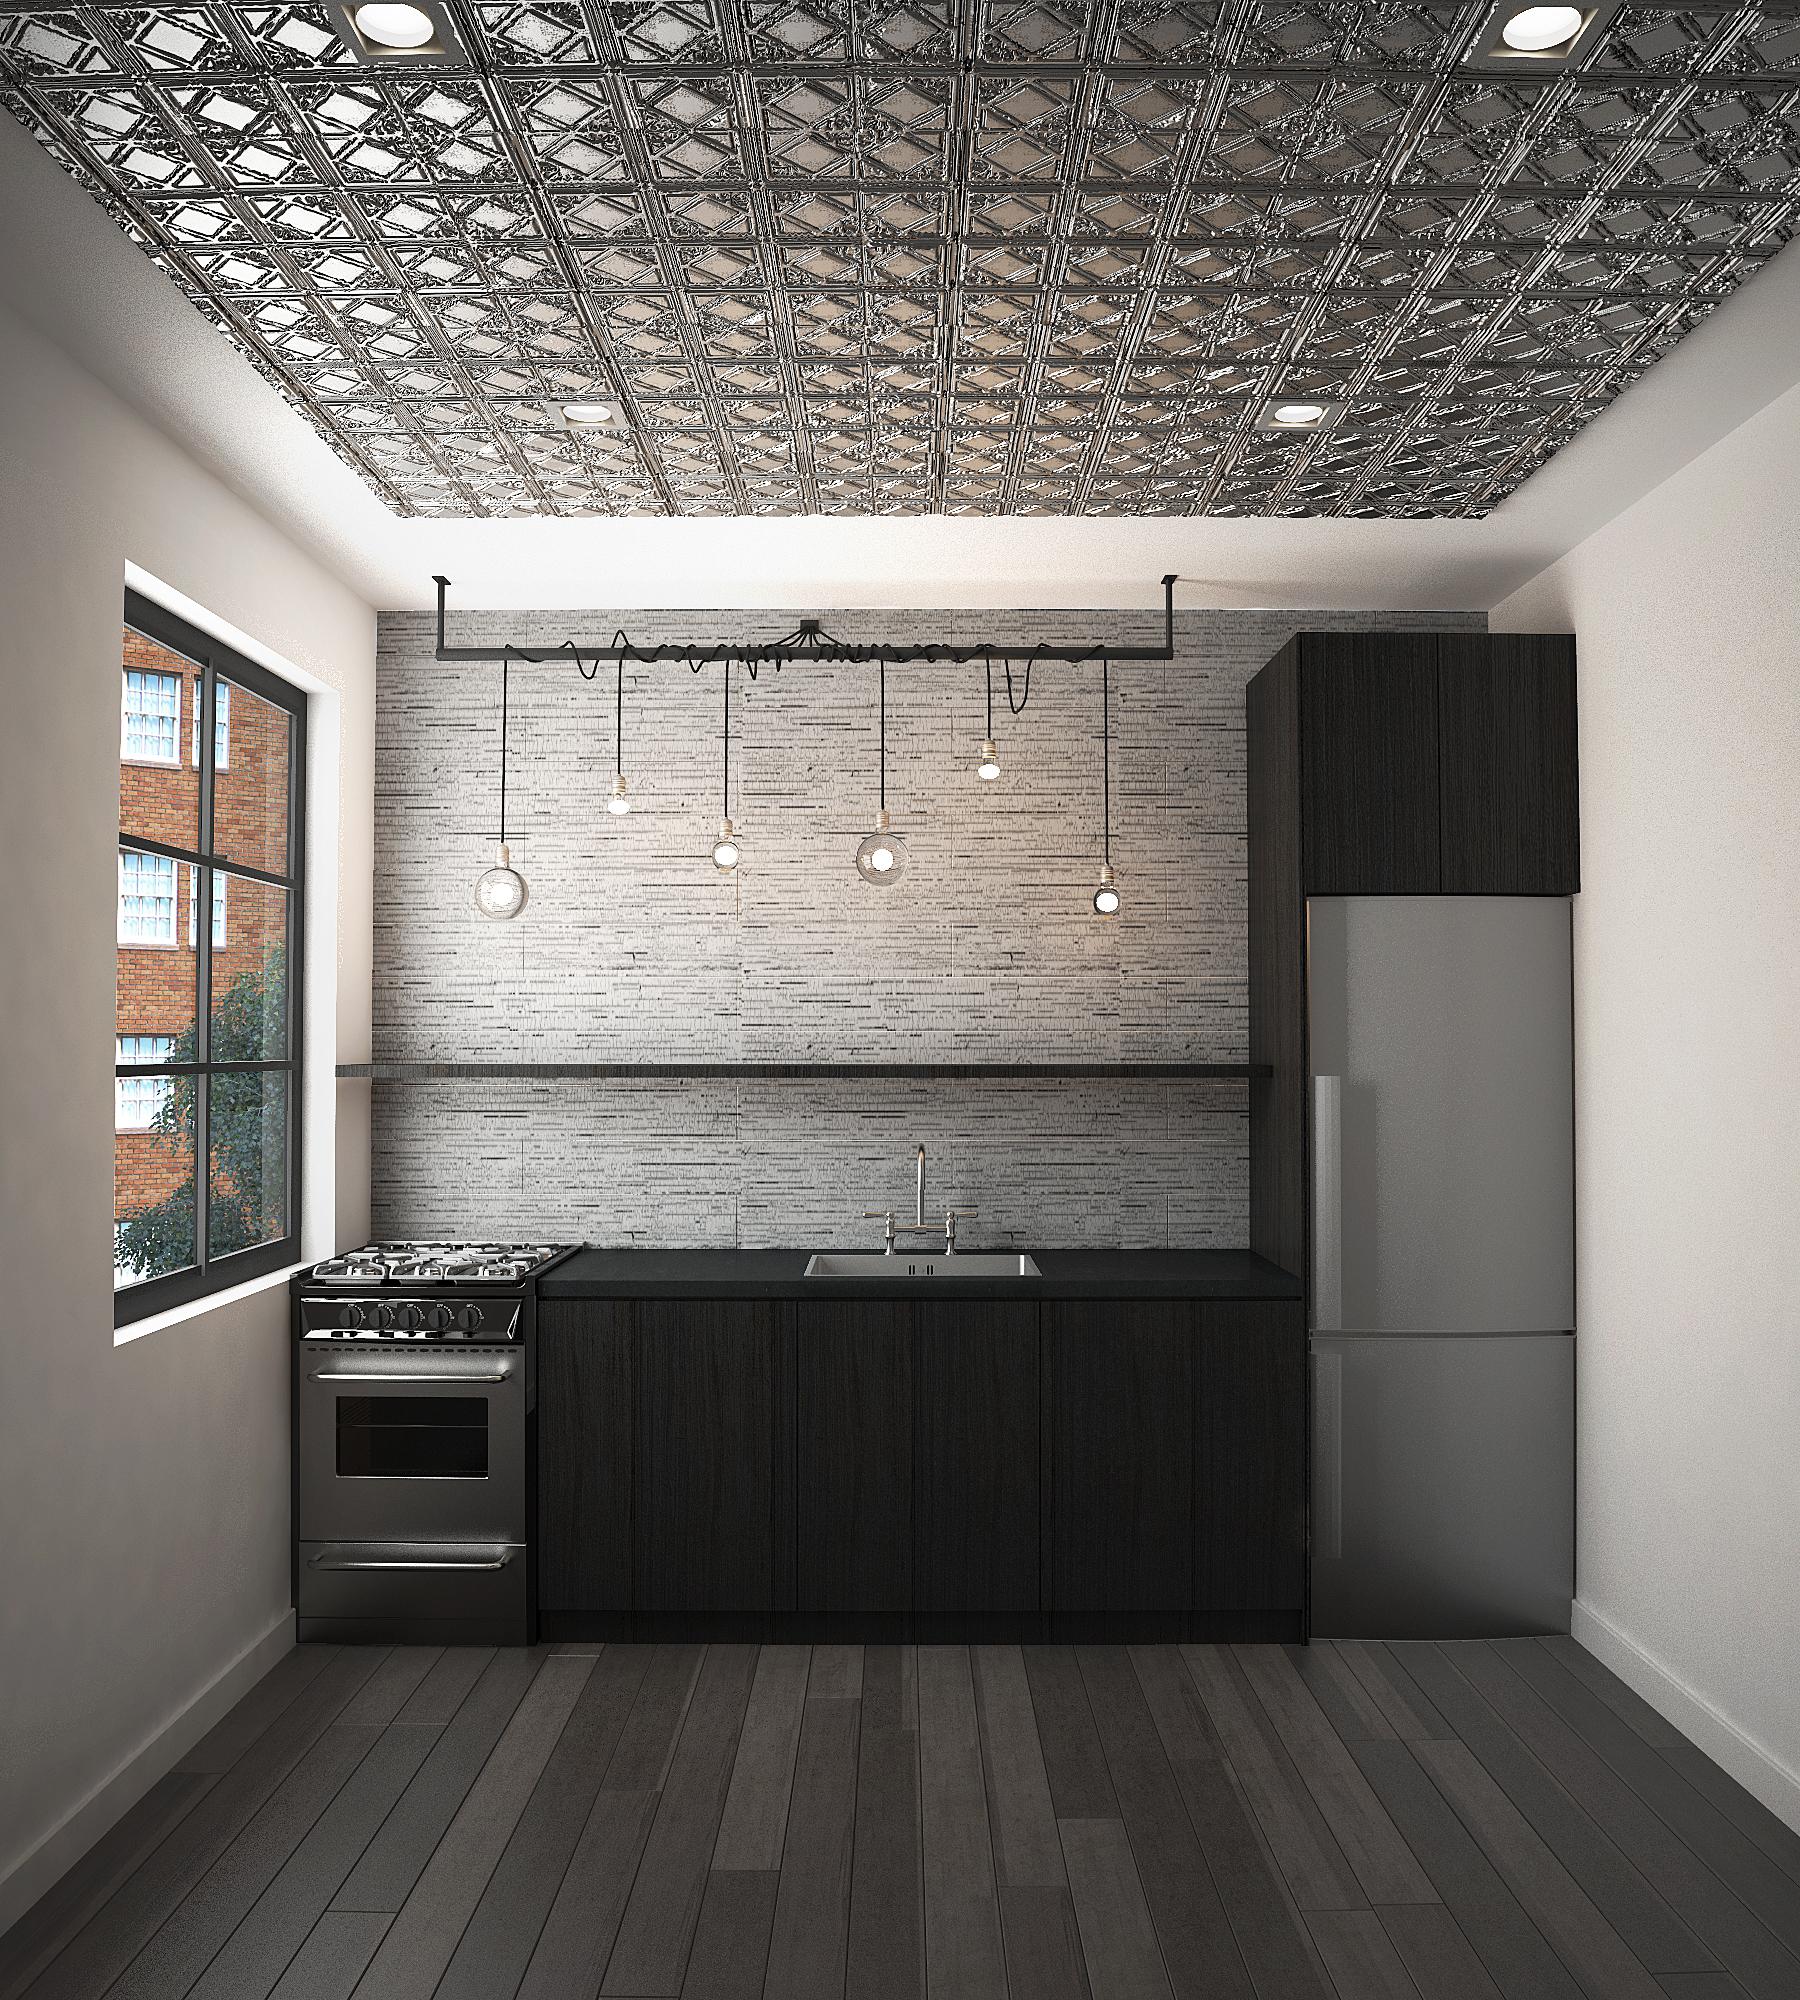 1649Summerfieled_kitchen_scene1..jpg